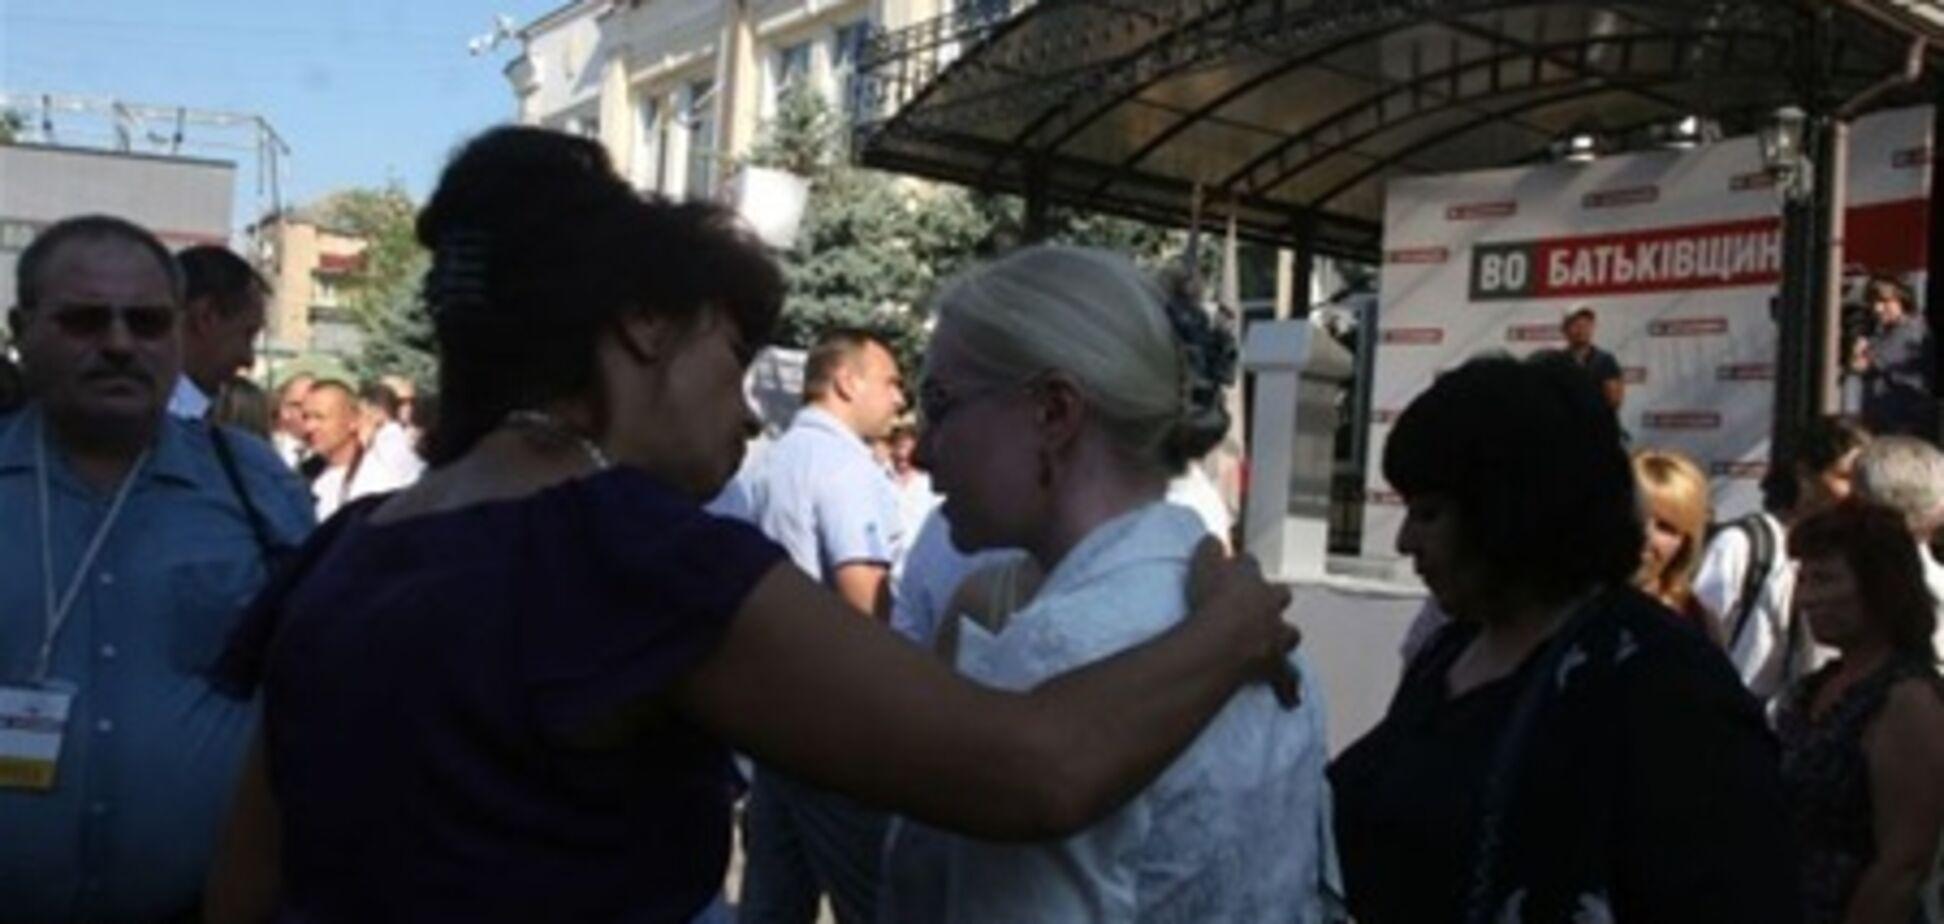 Шишкіна розплакалася на з'їзді опозиції